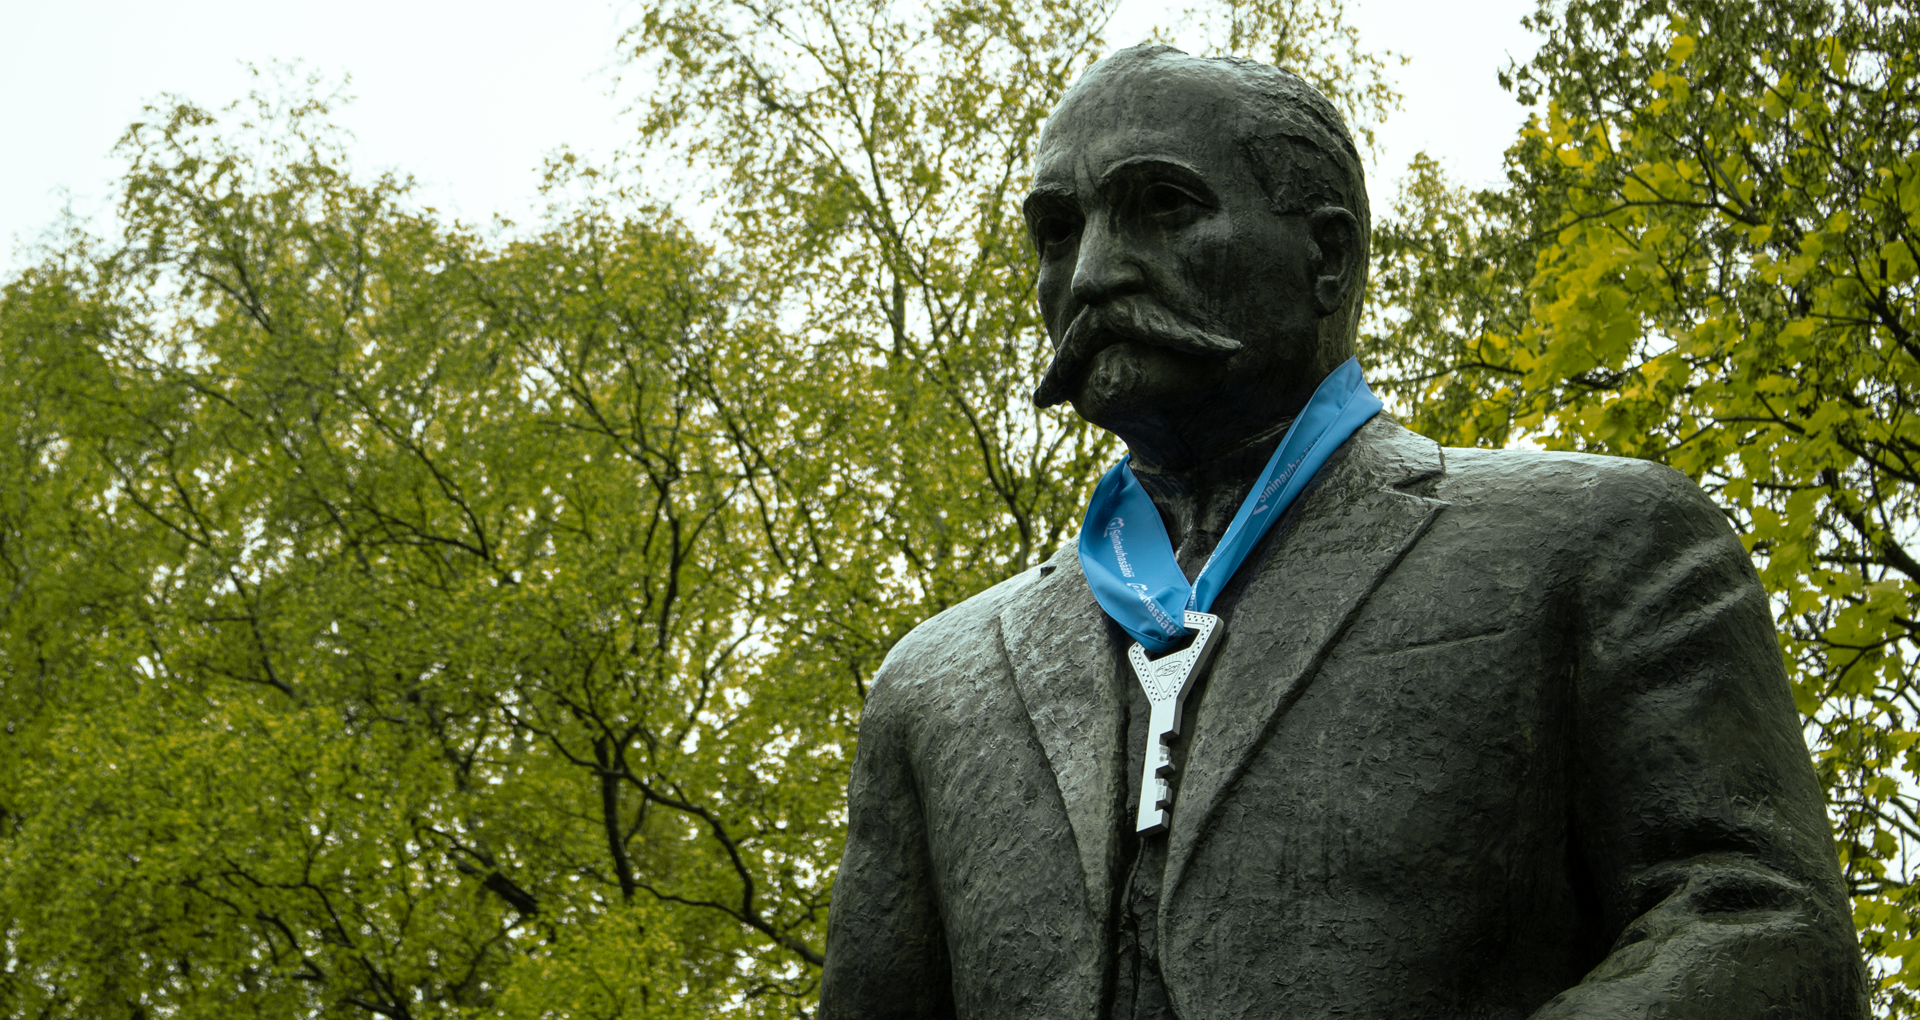 K. J. Ståhlbergin patsas, jonka kaulassa on avain, valokuva.